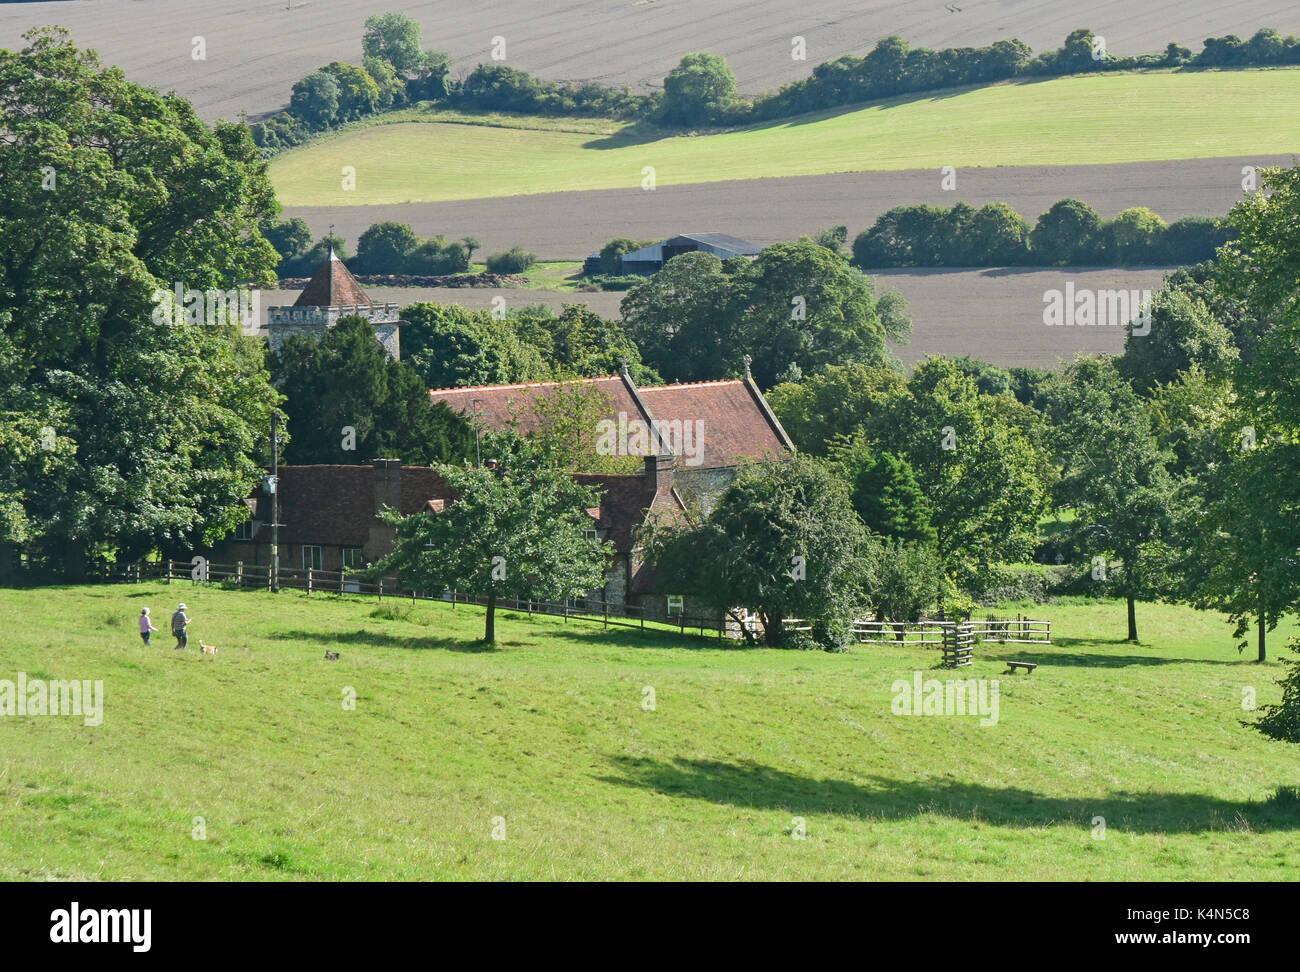 Chiltern Hills - Hughenden Valley - view to parish church - woodlands - fields - hillsides - walkers - sunlight - shadows - Stock Image